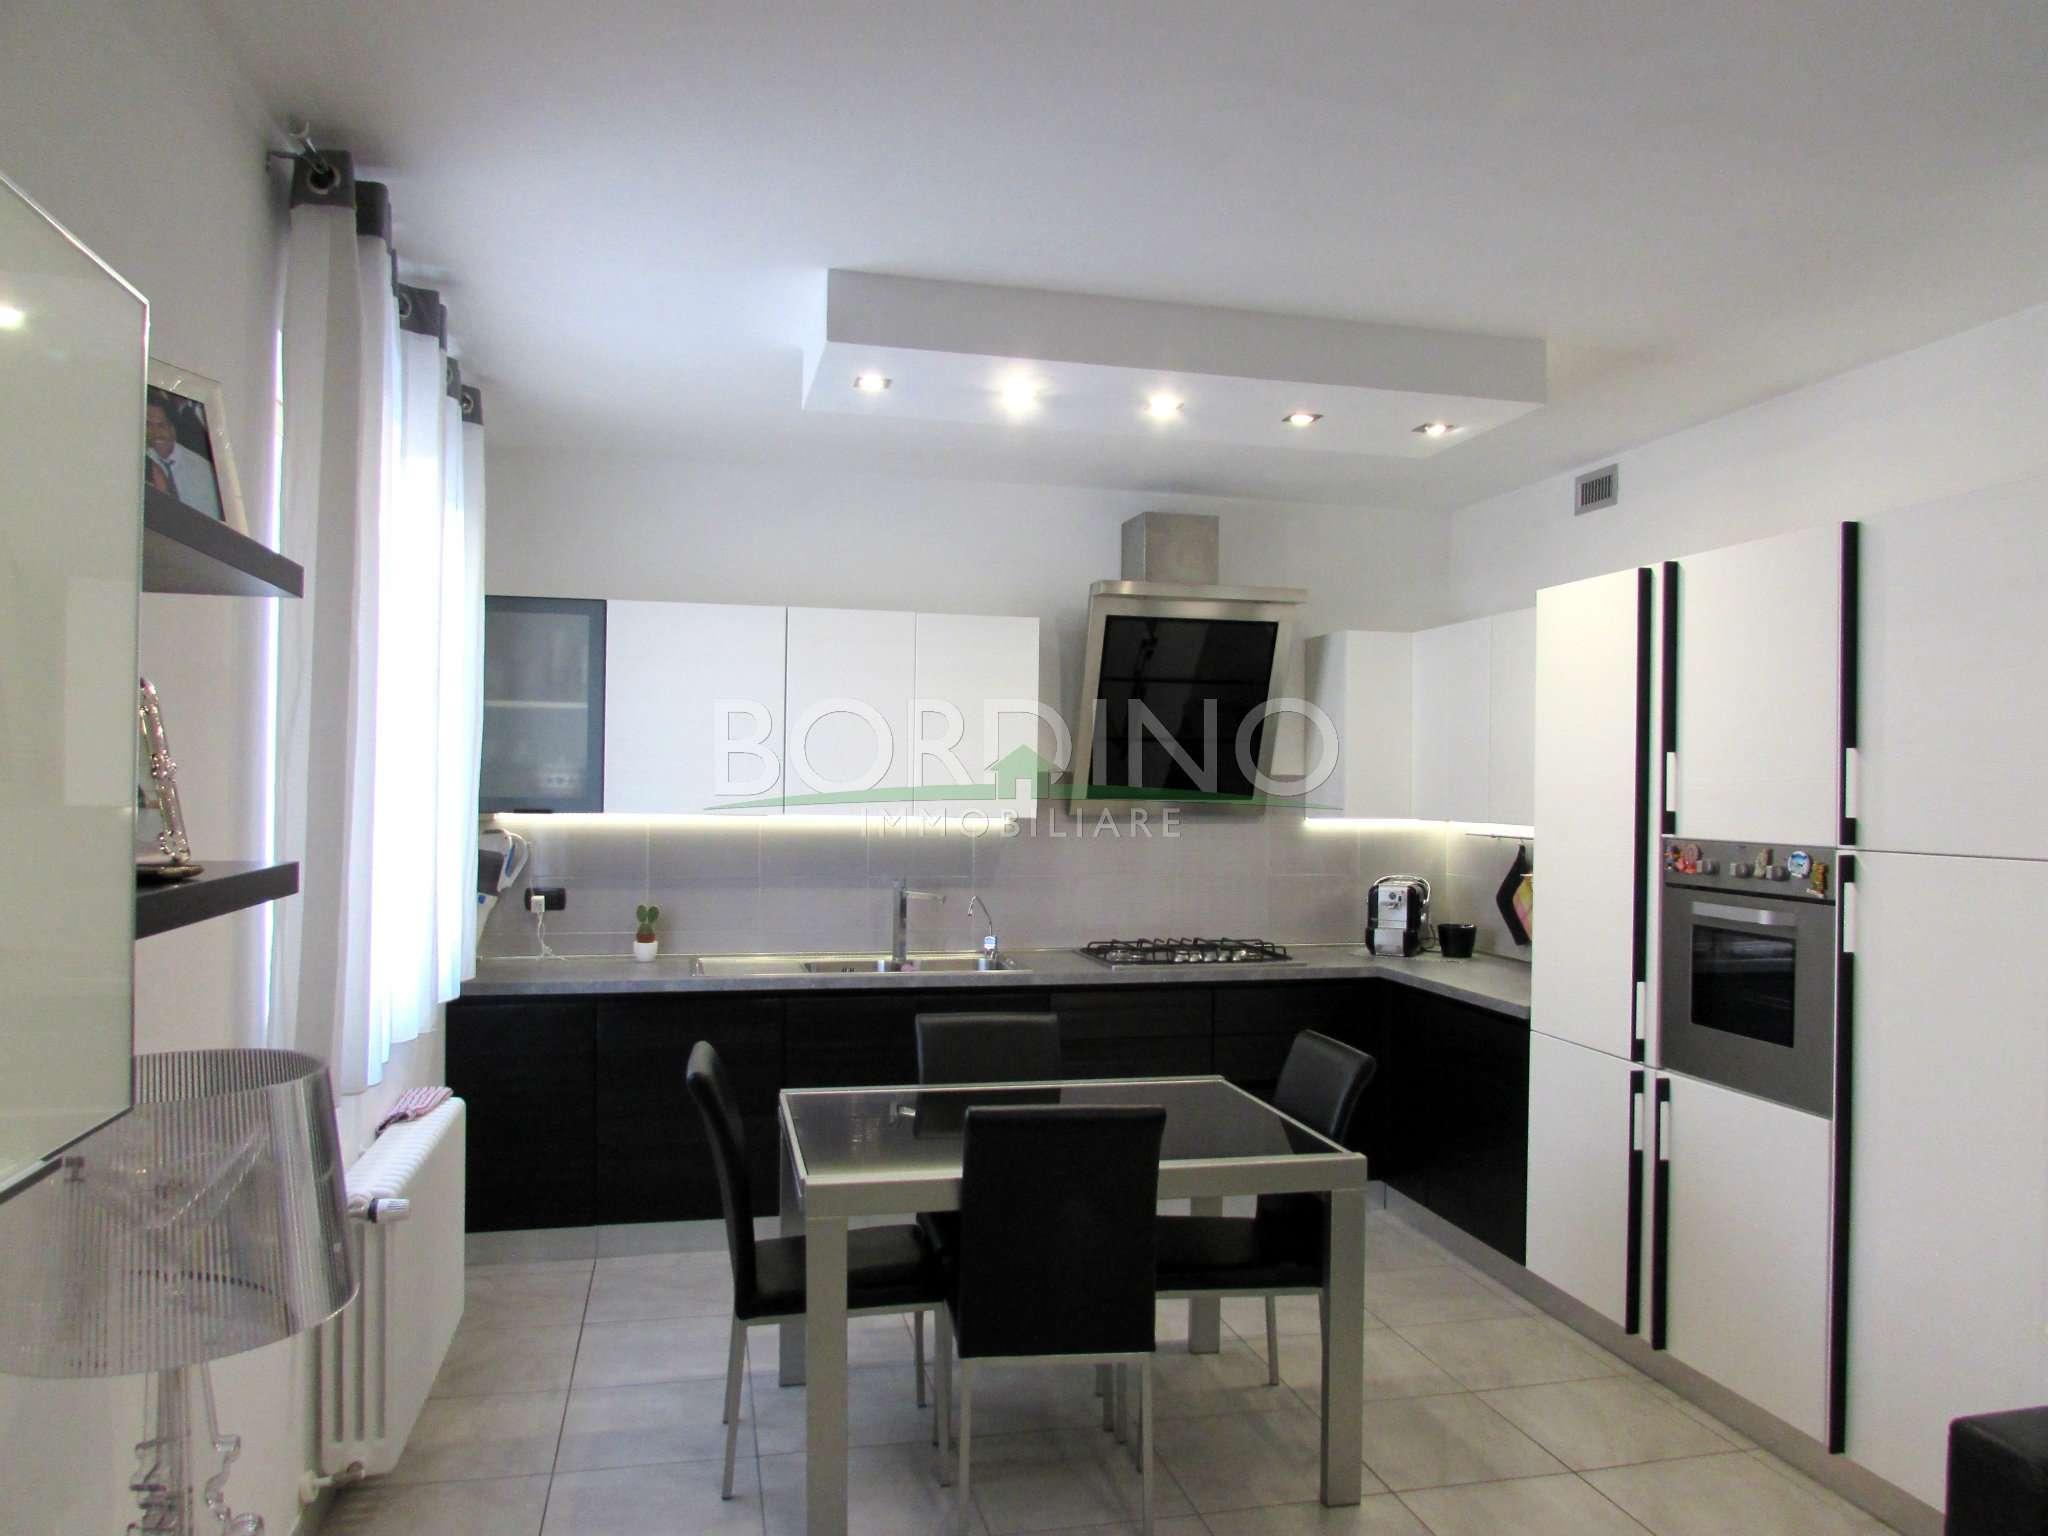 Appartamento in vendita a Govone, 5 locali, prezzo € 175.000 | CambioCasa.it